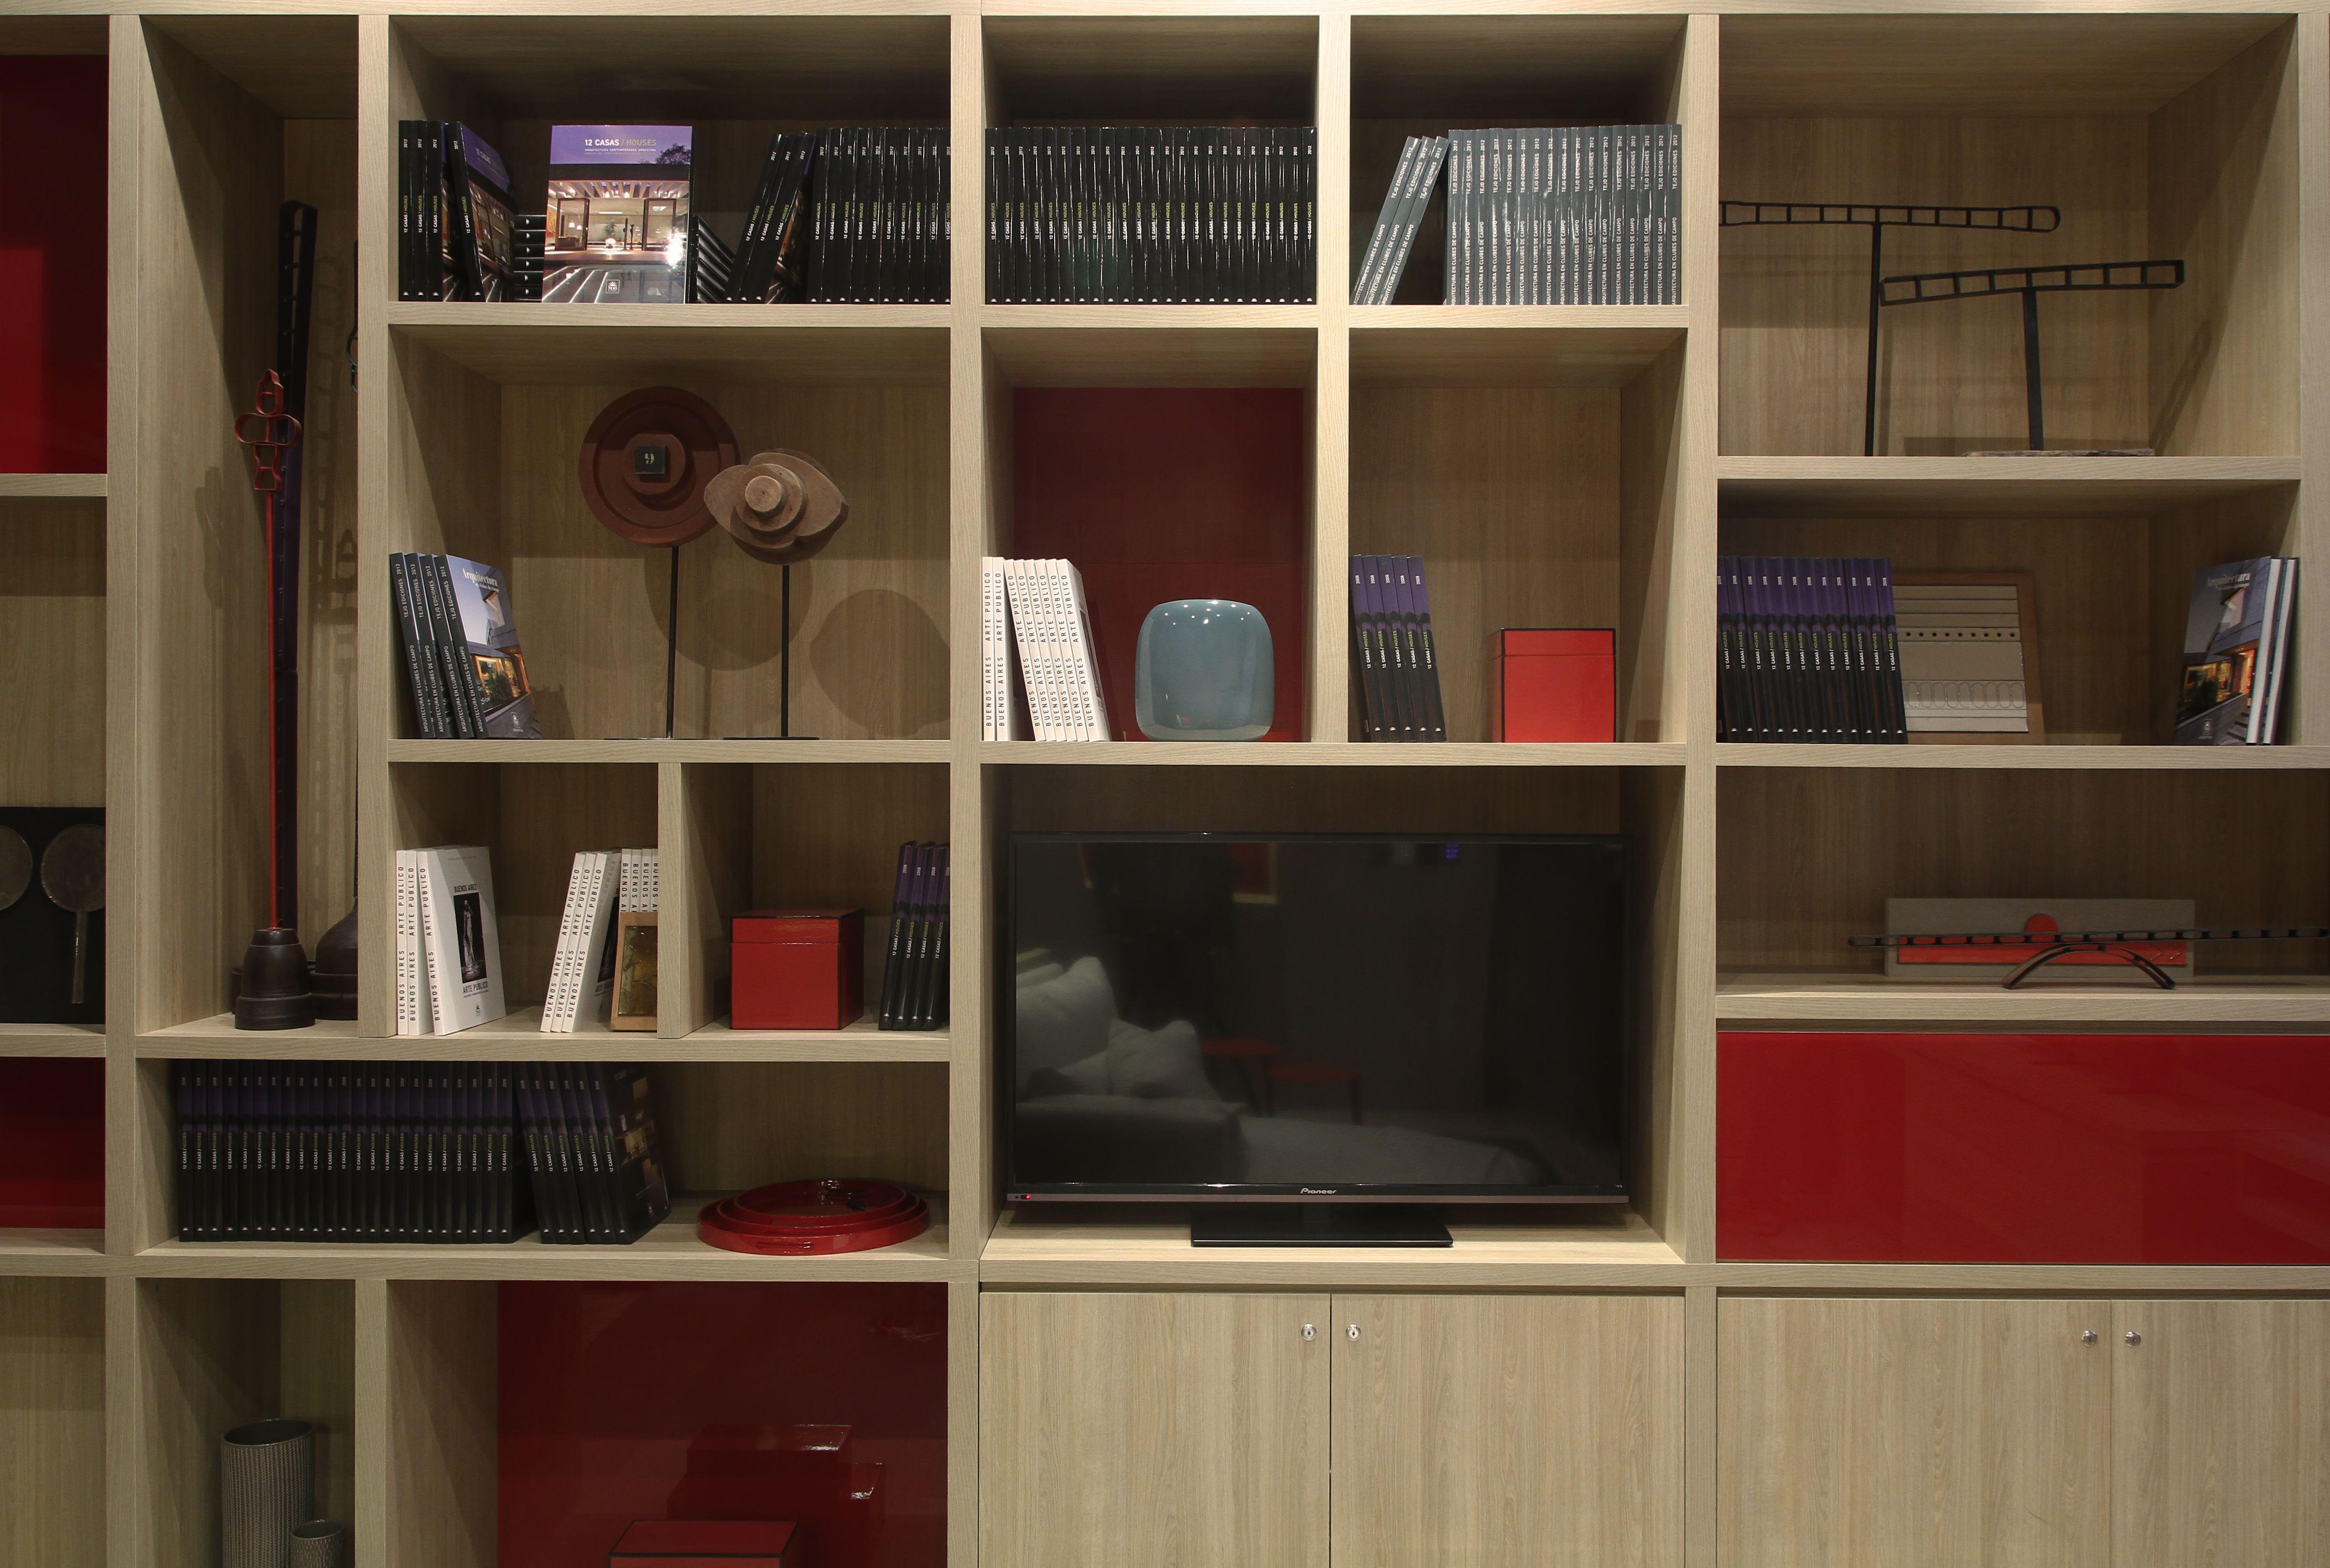 Sala De Lectura Arq Angelica Campi Casa Foa 30 Casas  # Muebles Casa Foa